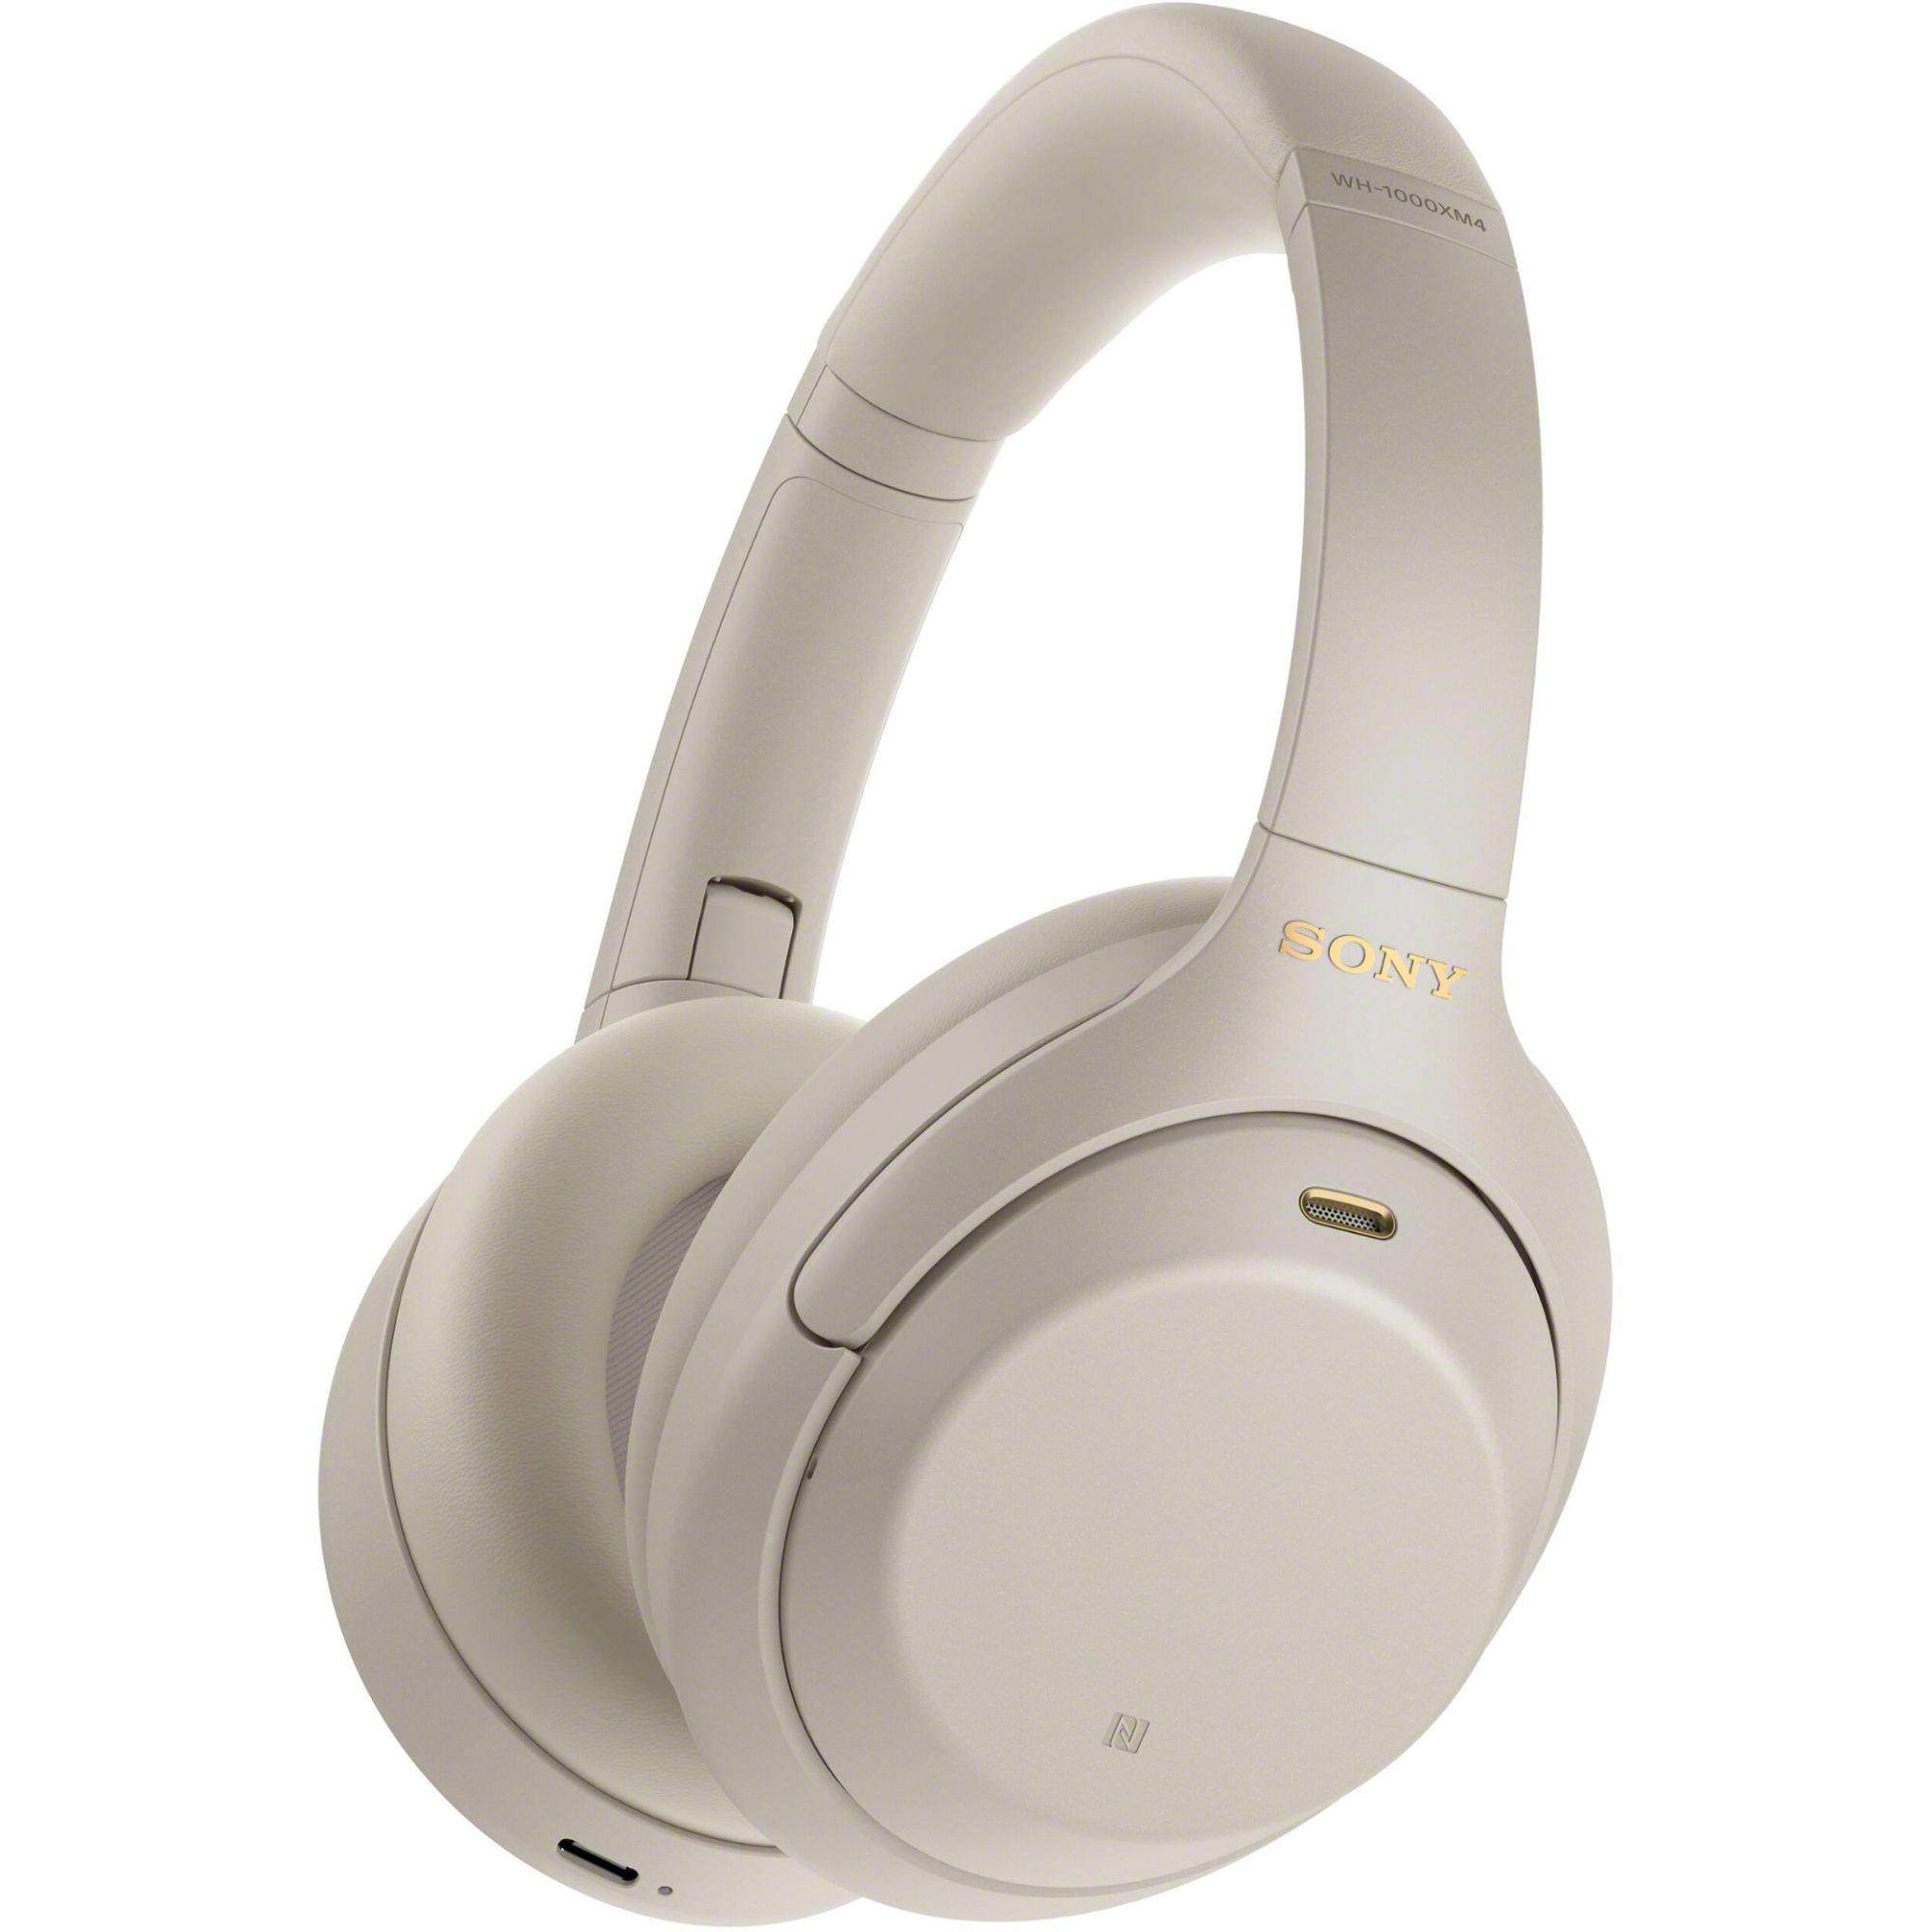 Casque audio à réduction de bruit Sony WH-1000XM4 - Bluetooth, Argent